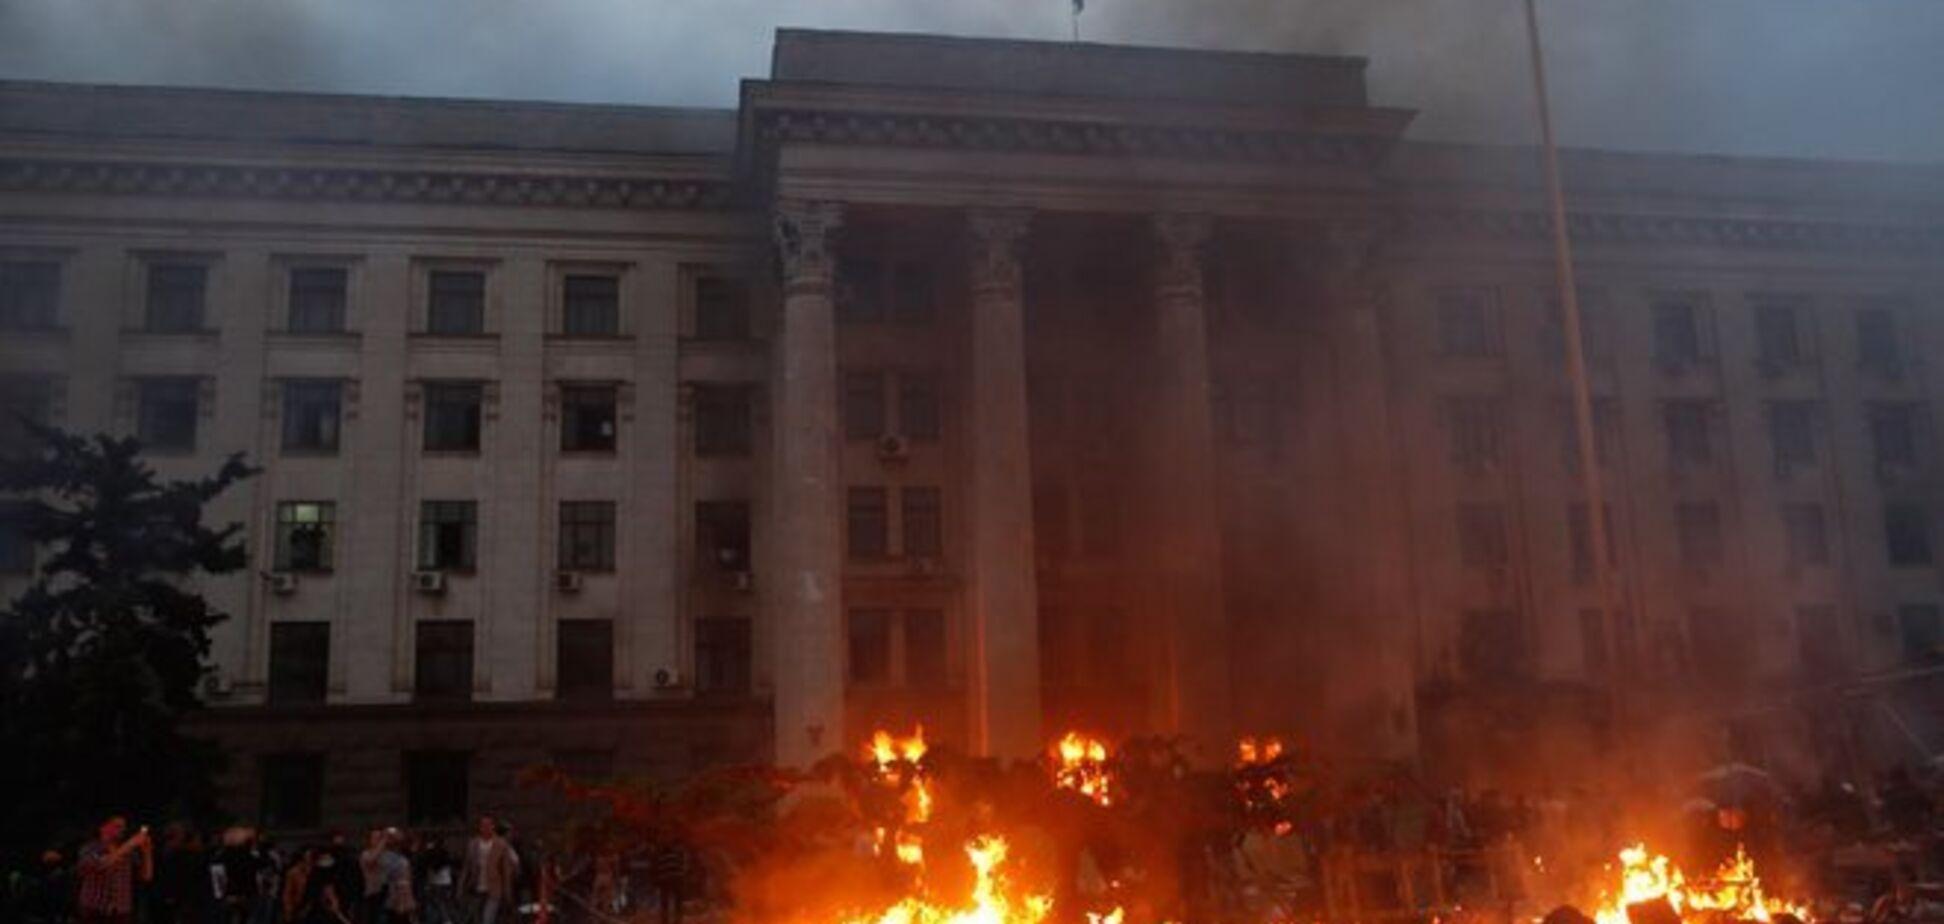 У кривавому зіткненні в Одесі загинули 46 осіб - прокуратура